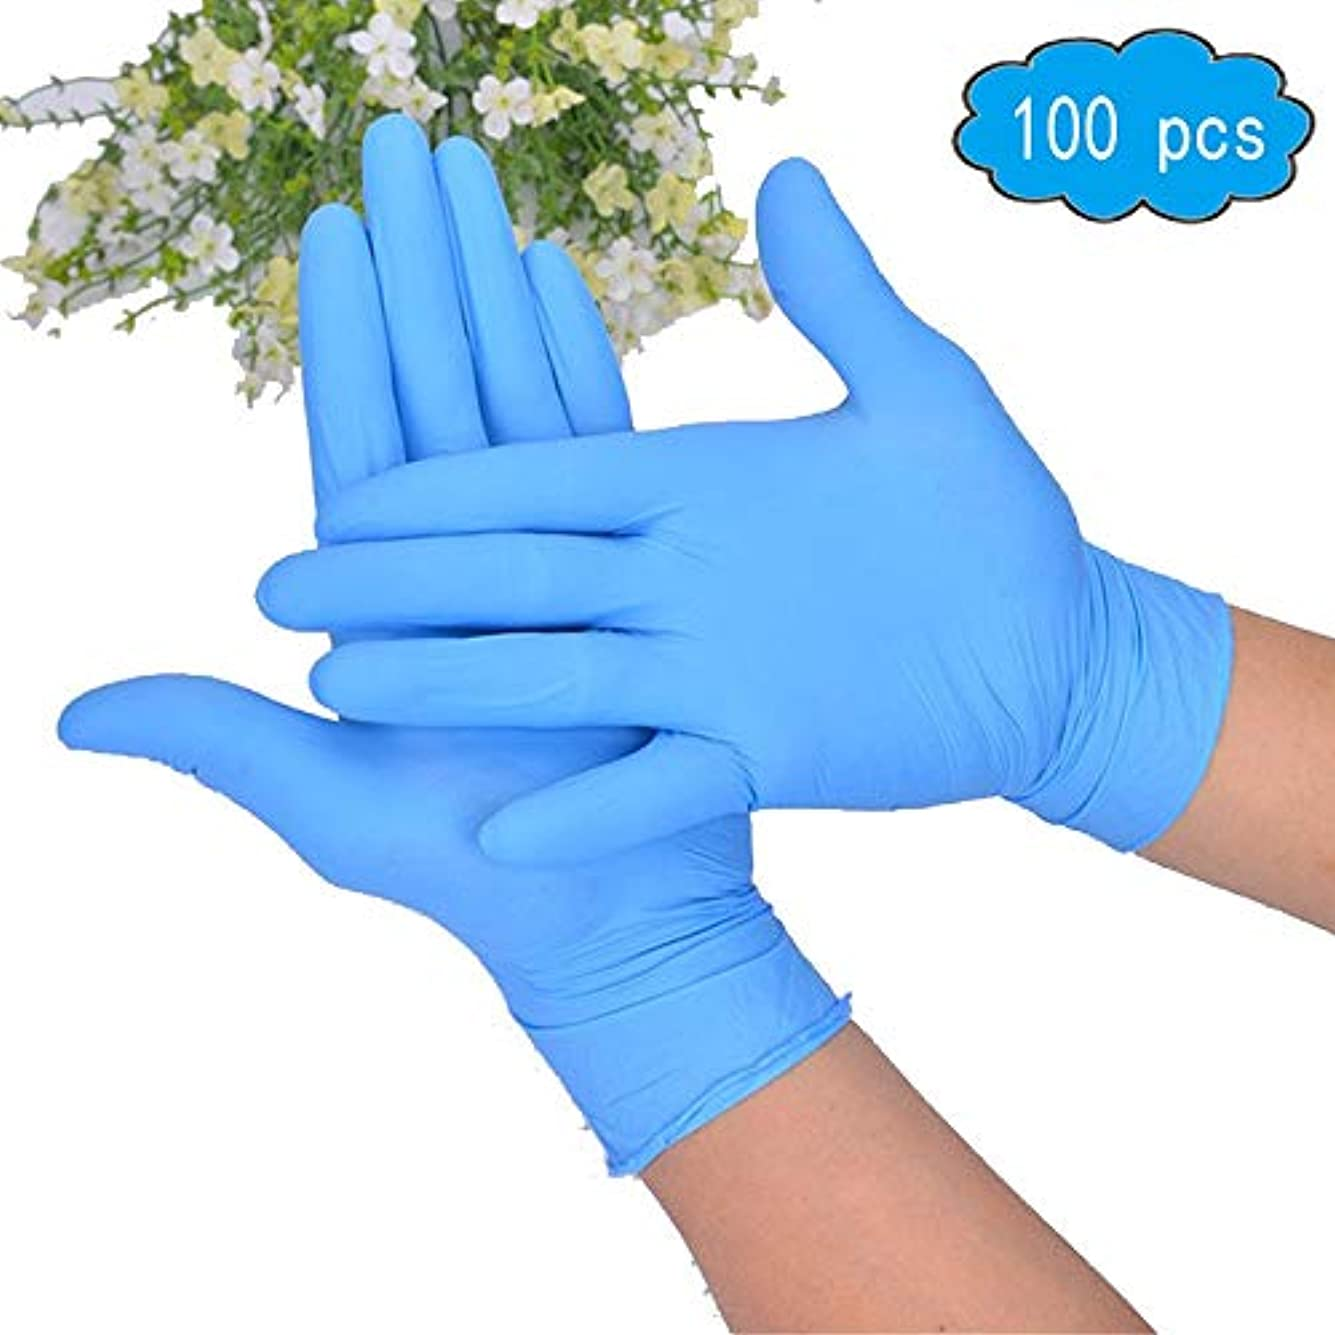 塩辛いびん組使い捨てラテックス手袋-医療グレード、パウダーフリー、使い捨て、非滅菌、食品安全、テクスチャード加工、ラテックス手袋、ラボ、100PCS、安全&作業用手袋 (Color : Blue, Size : L)